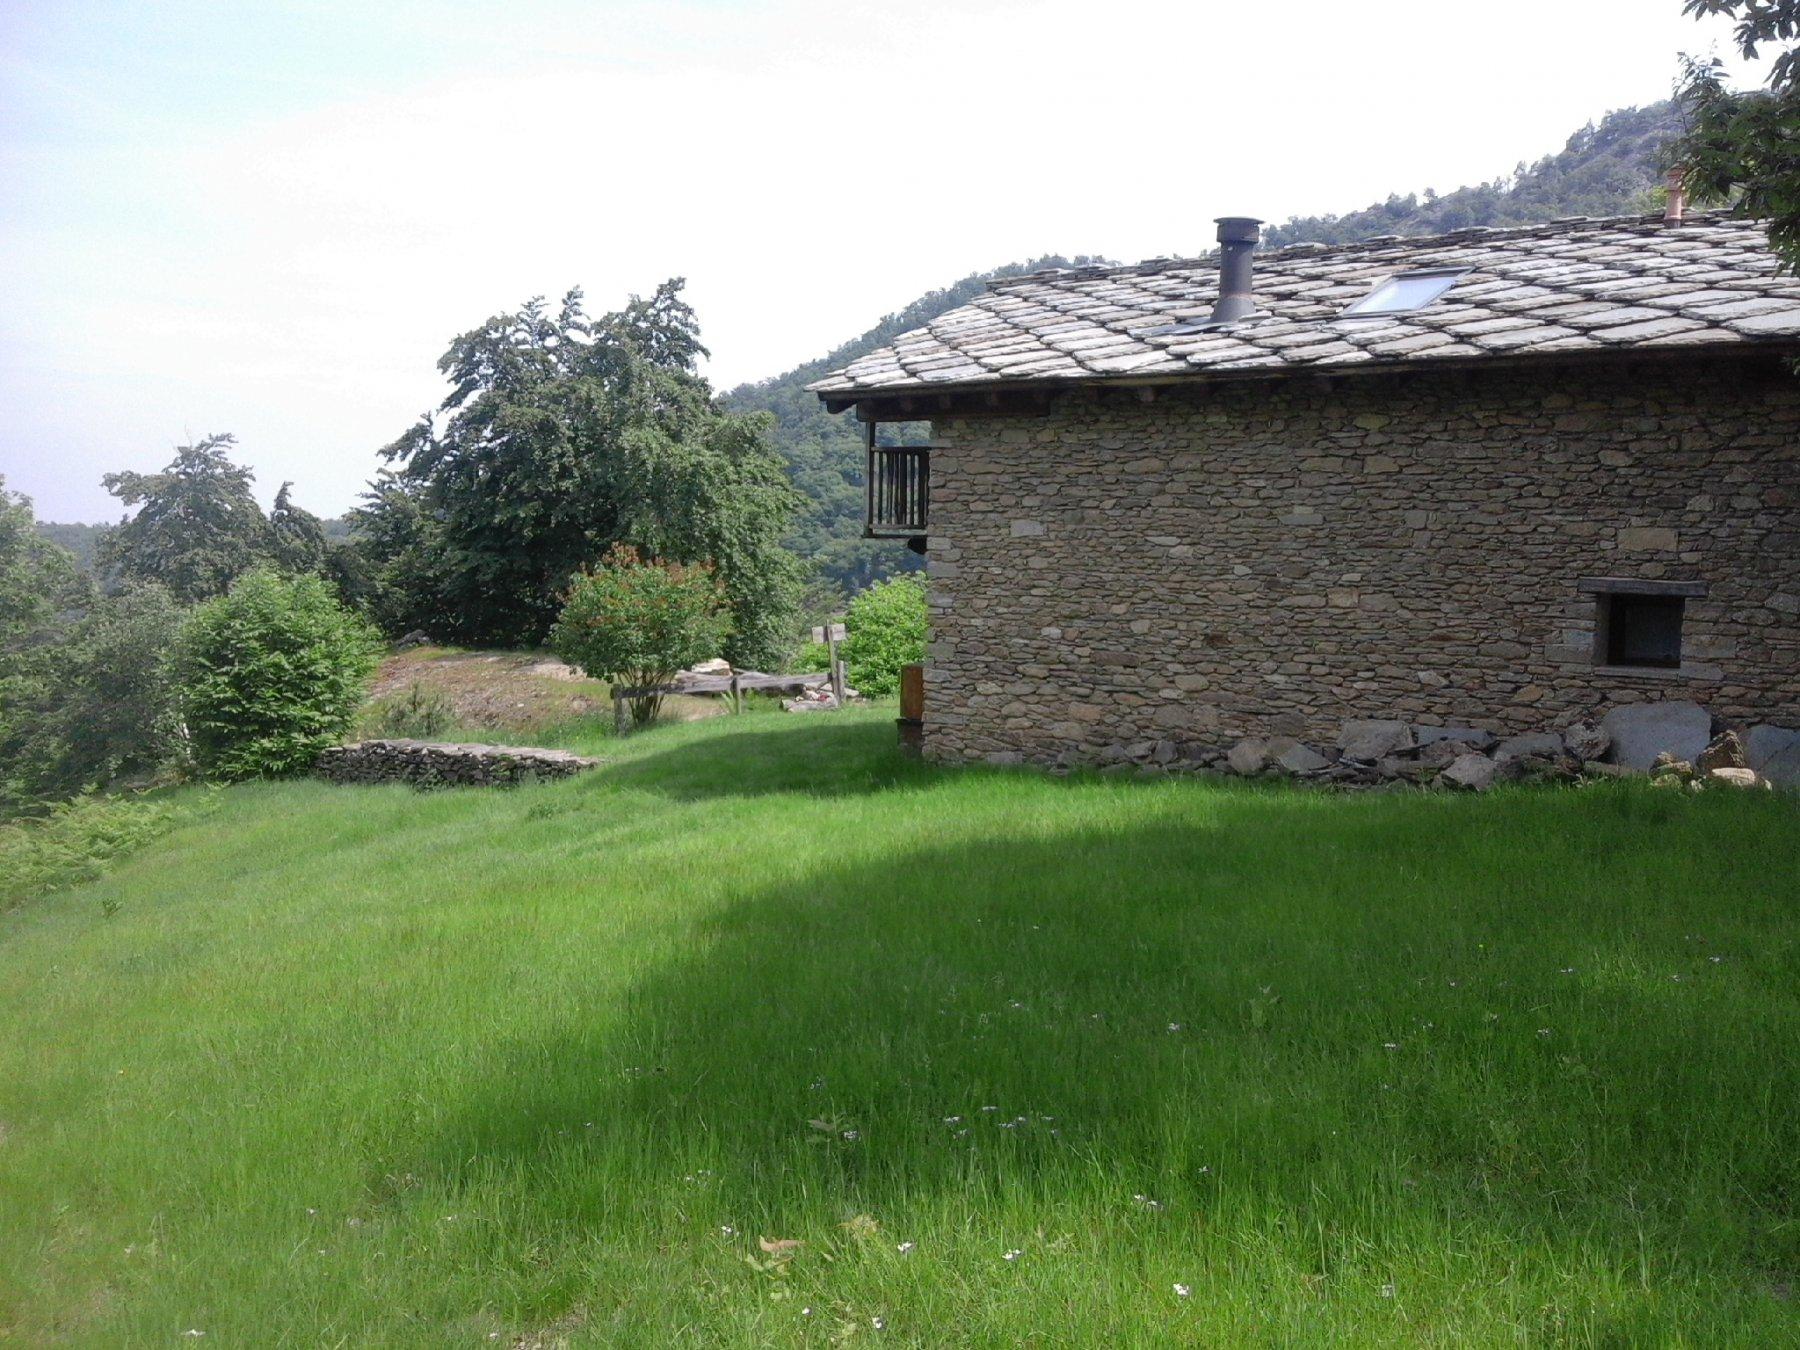 Aragno, Castellar, Sperina (Colli) da Ravera, giro del Monte Freidour 2016-05-26